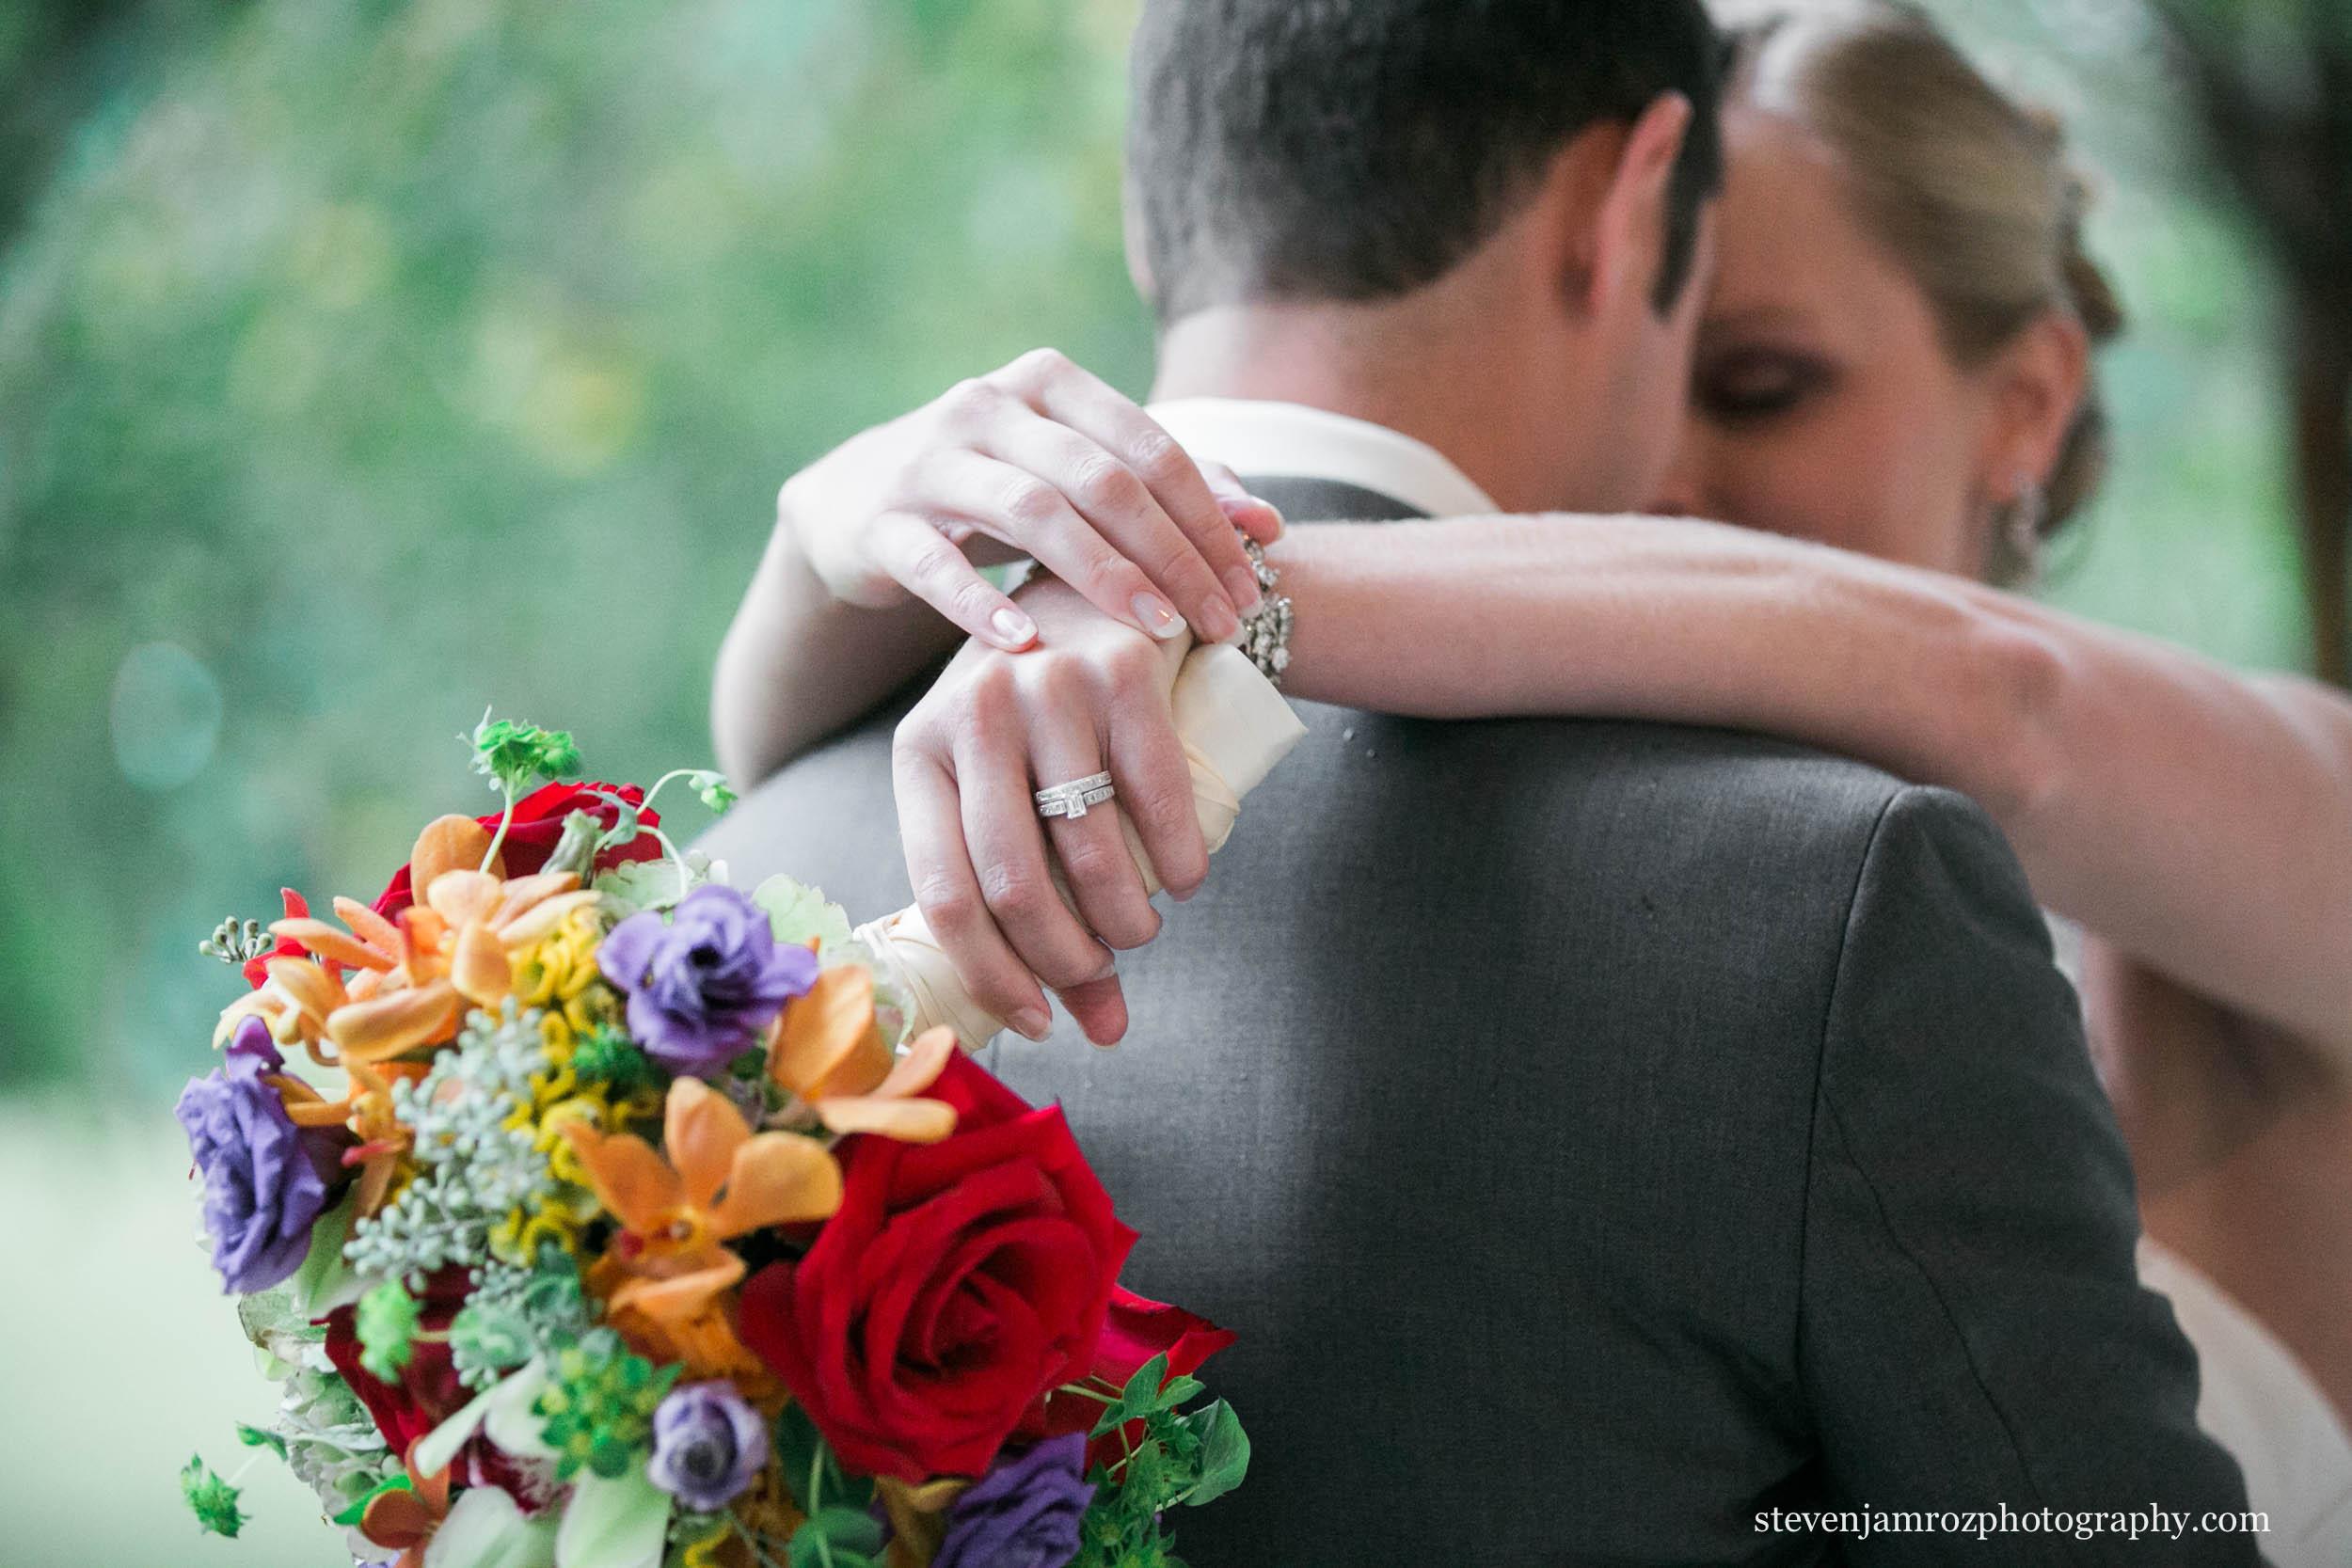 nc-louisburg-wedding-bouquet-steven-jamroz-photography-0566.jpg